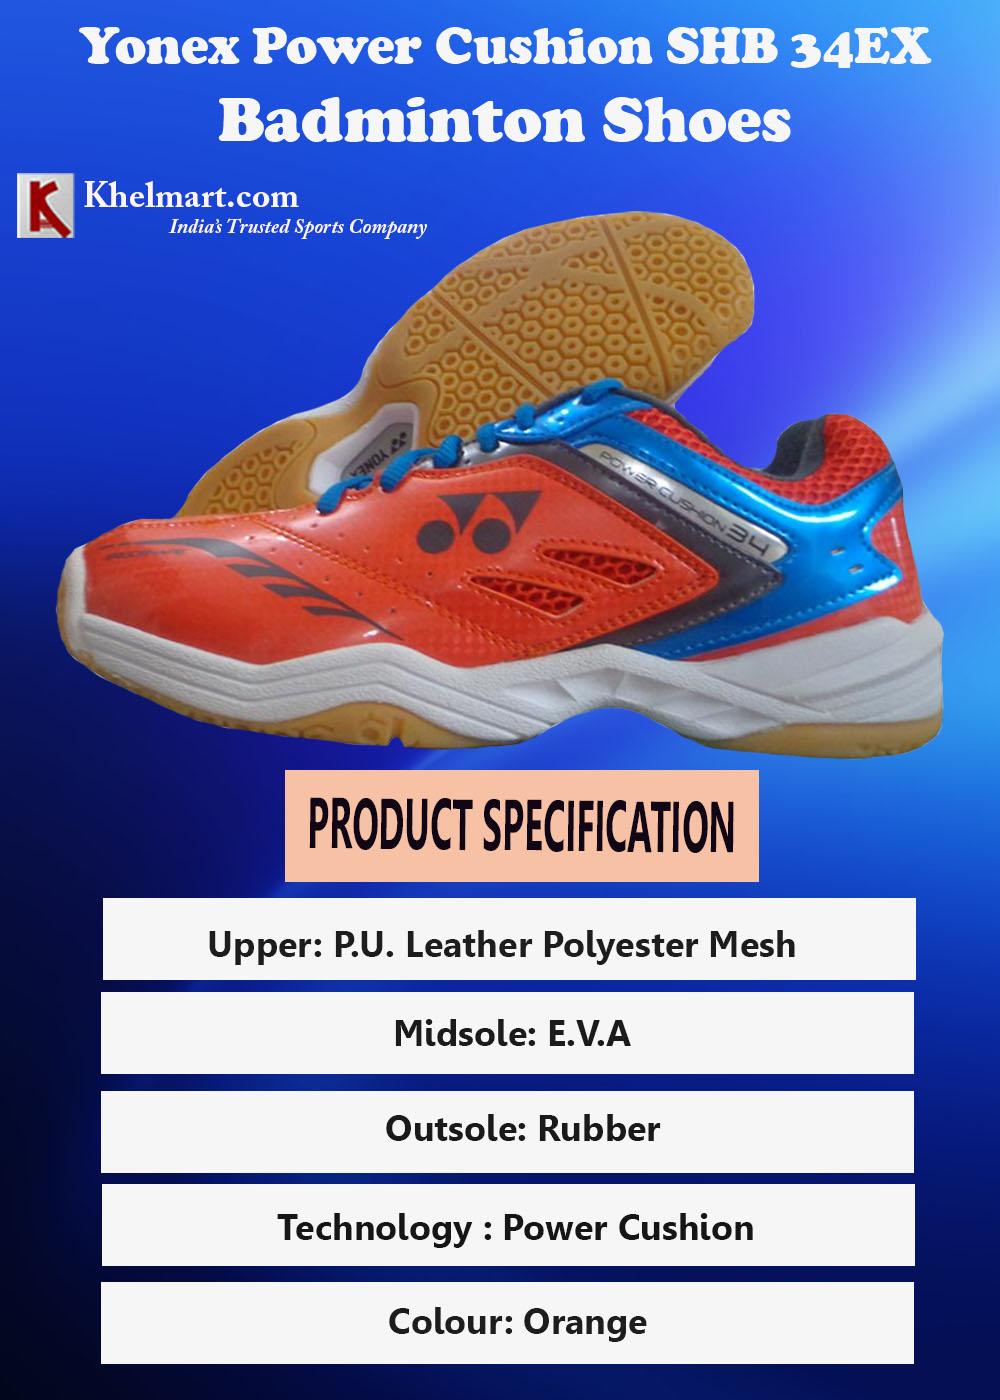 Yonex Power Cushion SHB 34EX Badminton Shoes